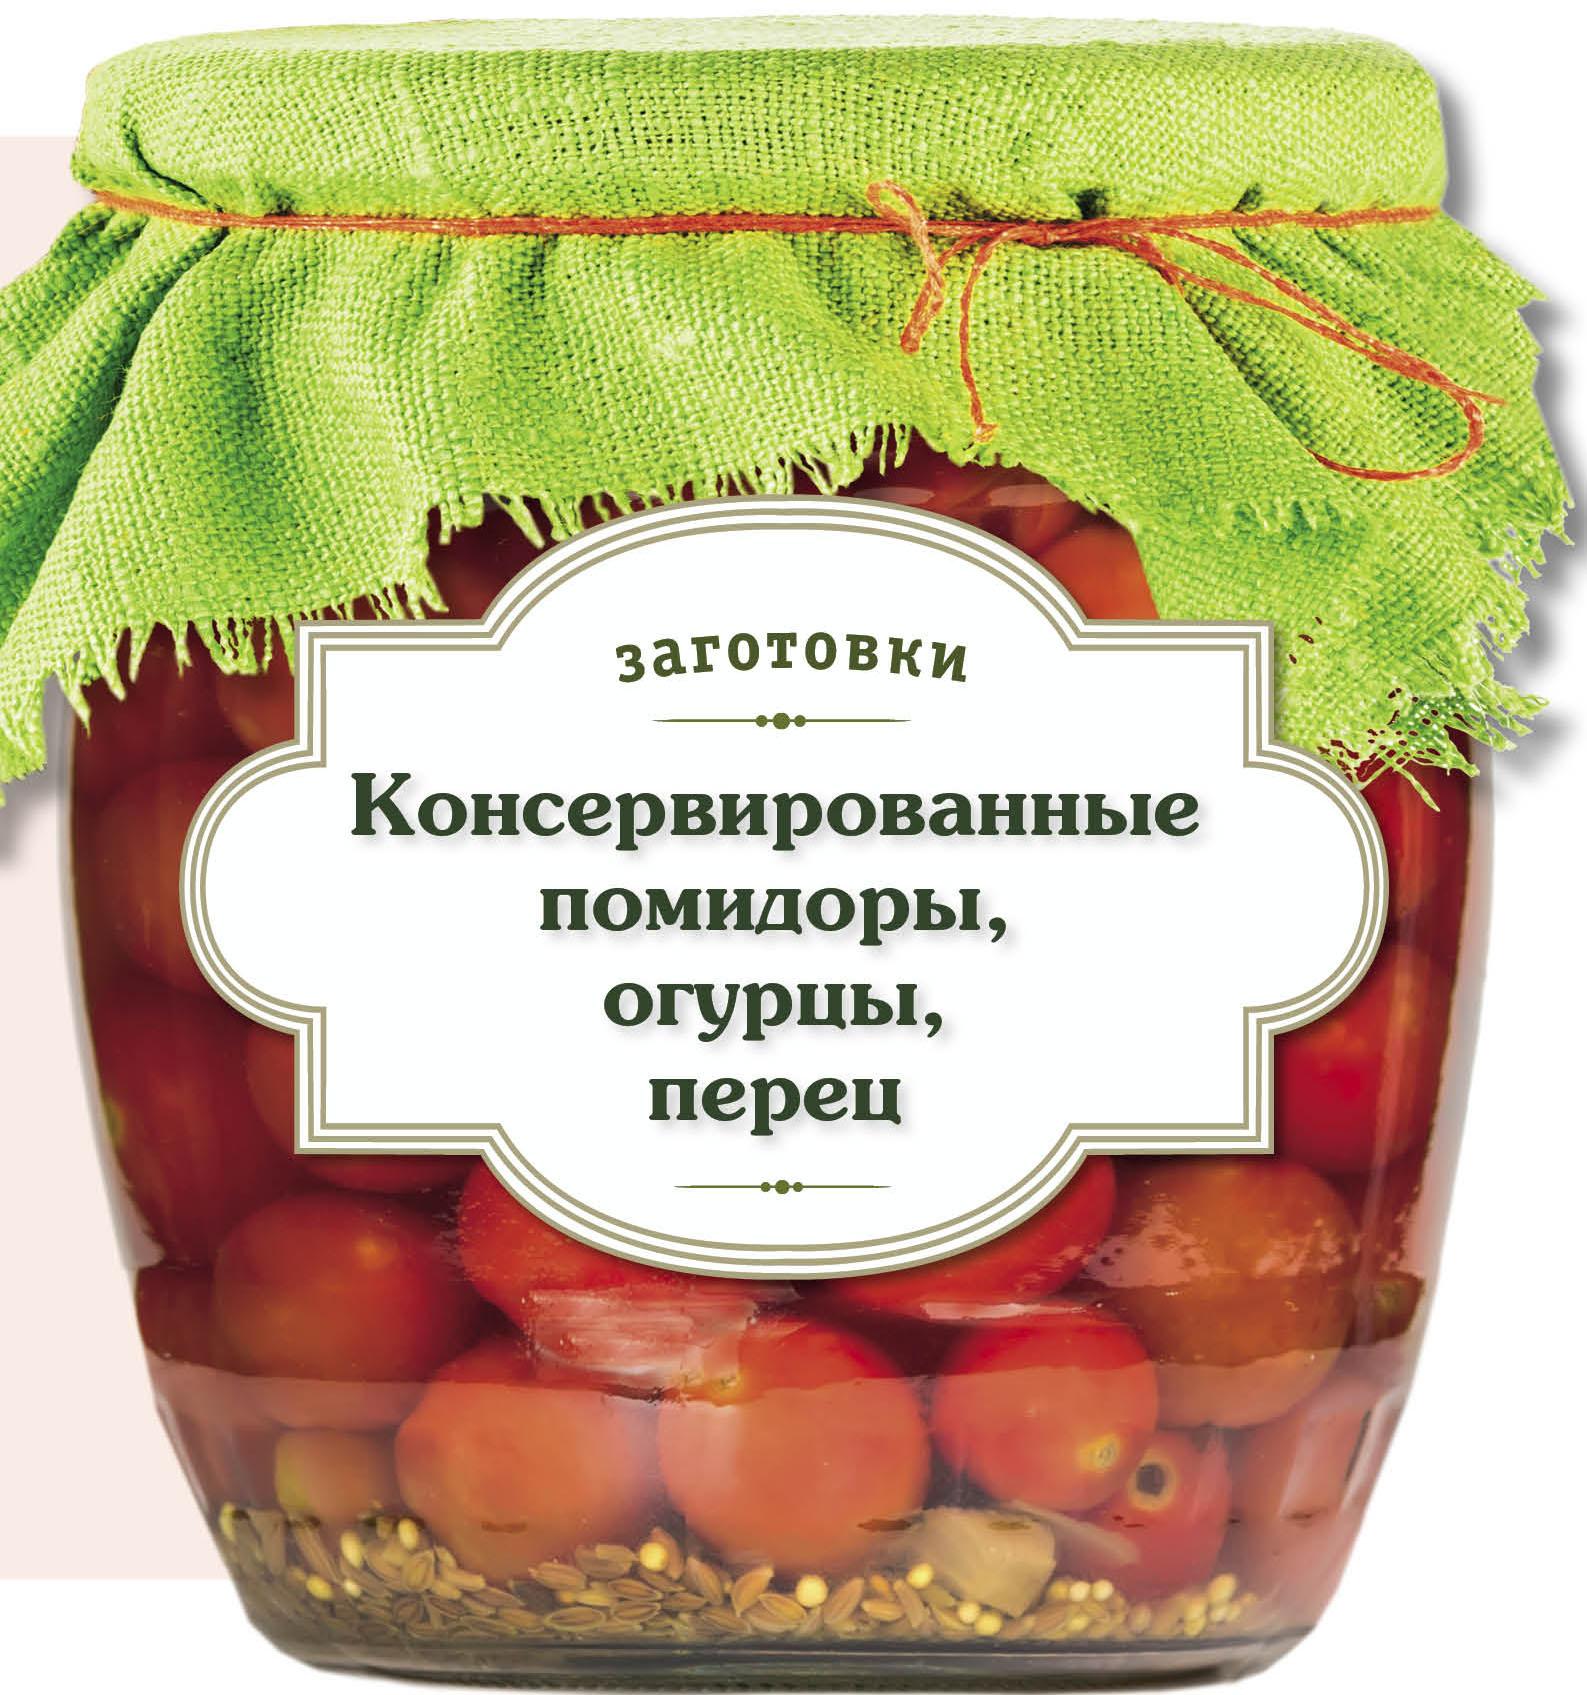 Консервированные помидоры, огурцы, перец консервированные продукты